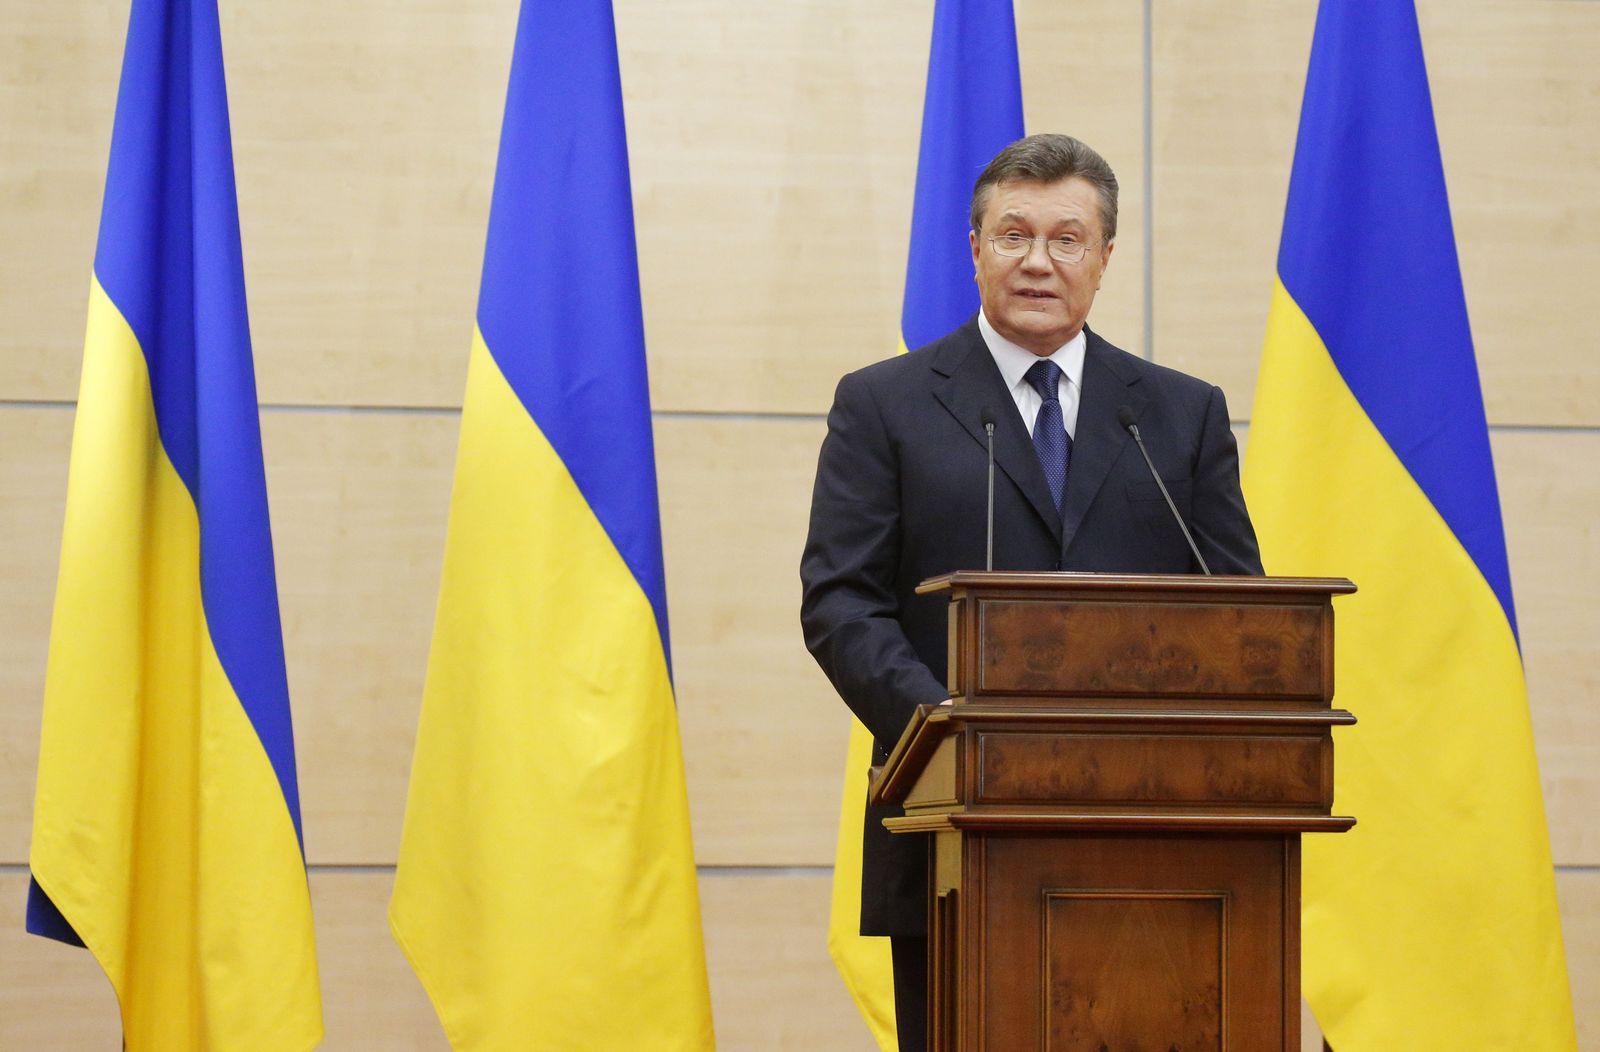 Janukowitsch / PK